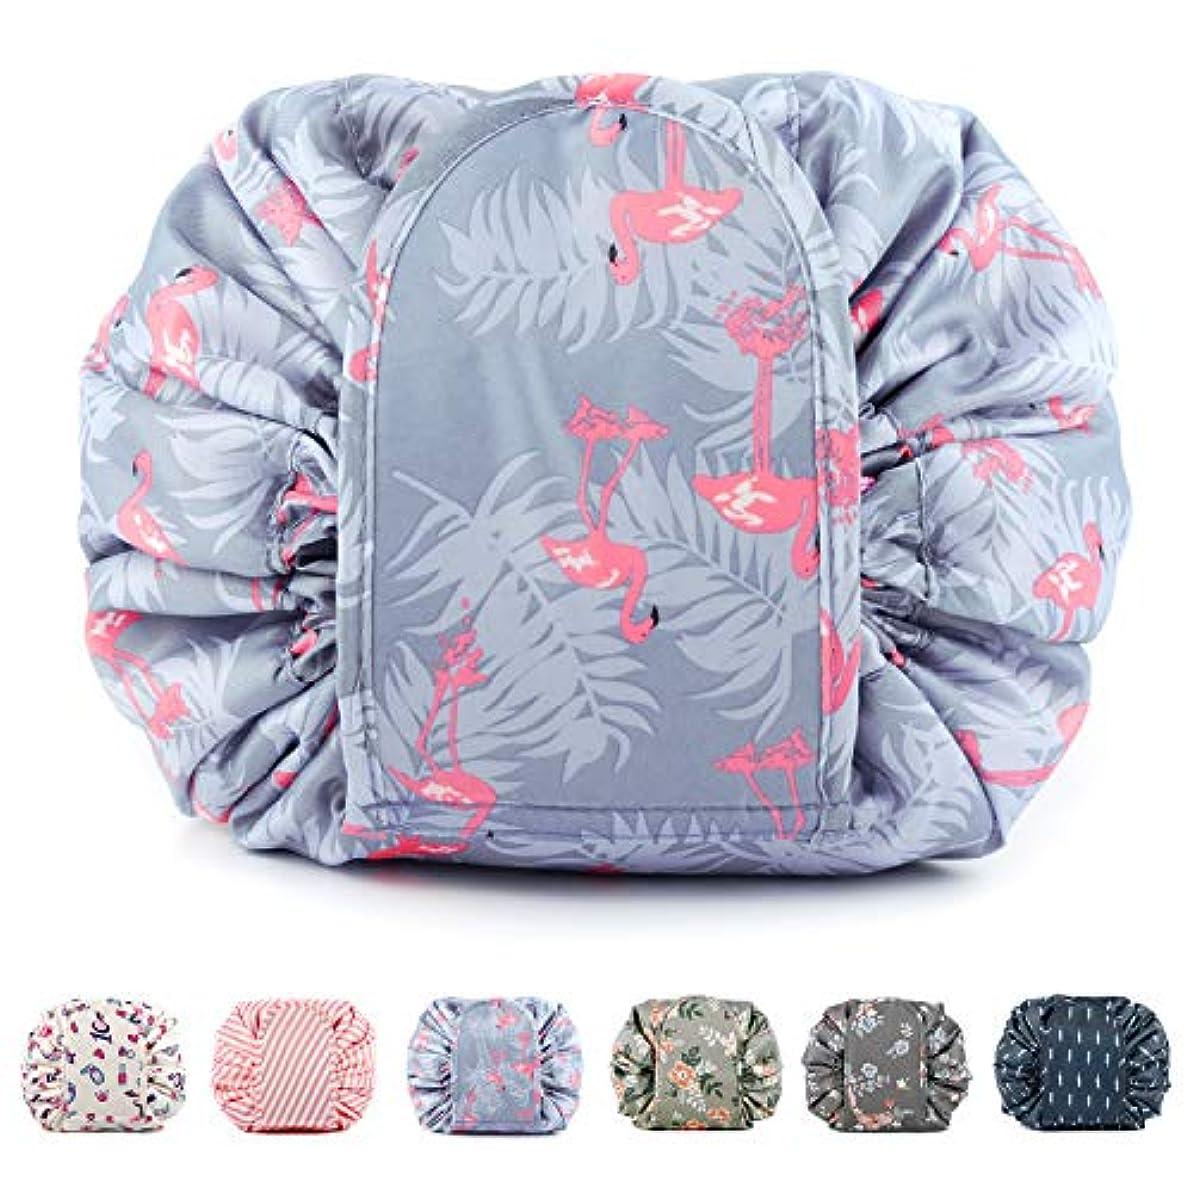 レンチ単にレーザNarweyレイジー化粧バッグ ドローストリングコスメティックバッグ 大容量 防水 トラベルケース 化粧品収納袋 メイクポータブルバッグ レディース